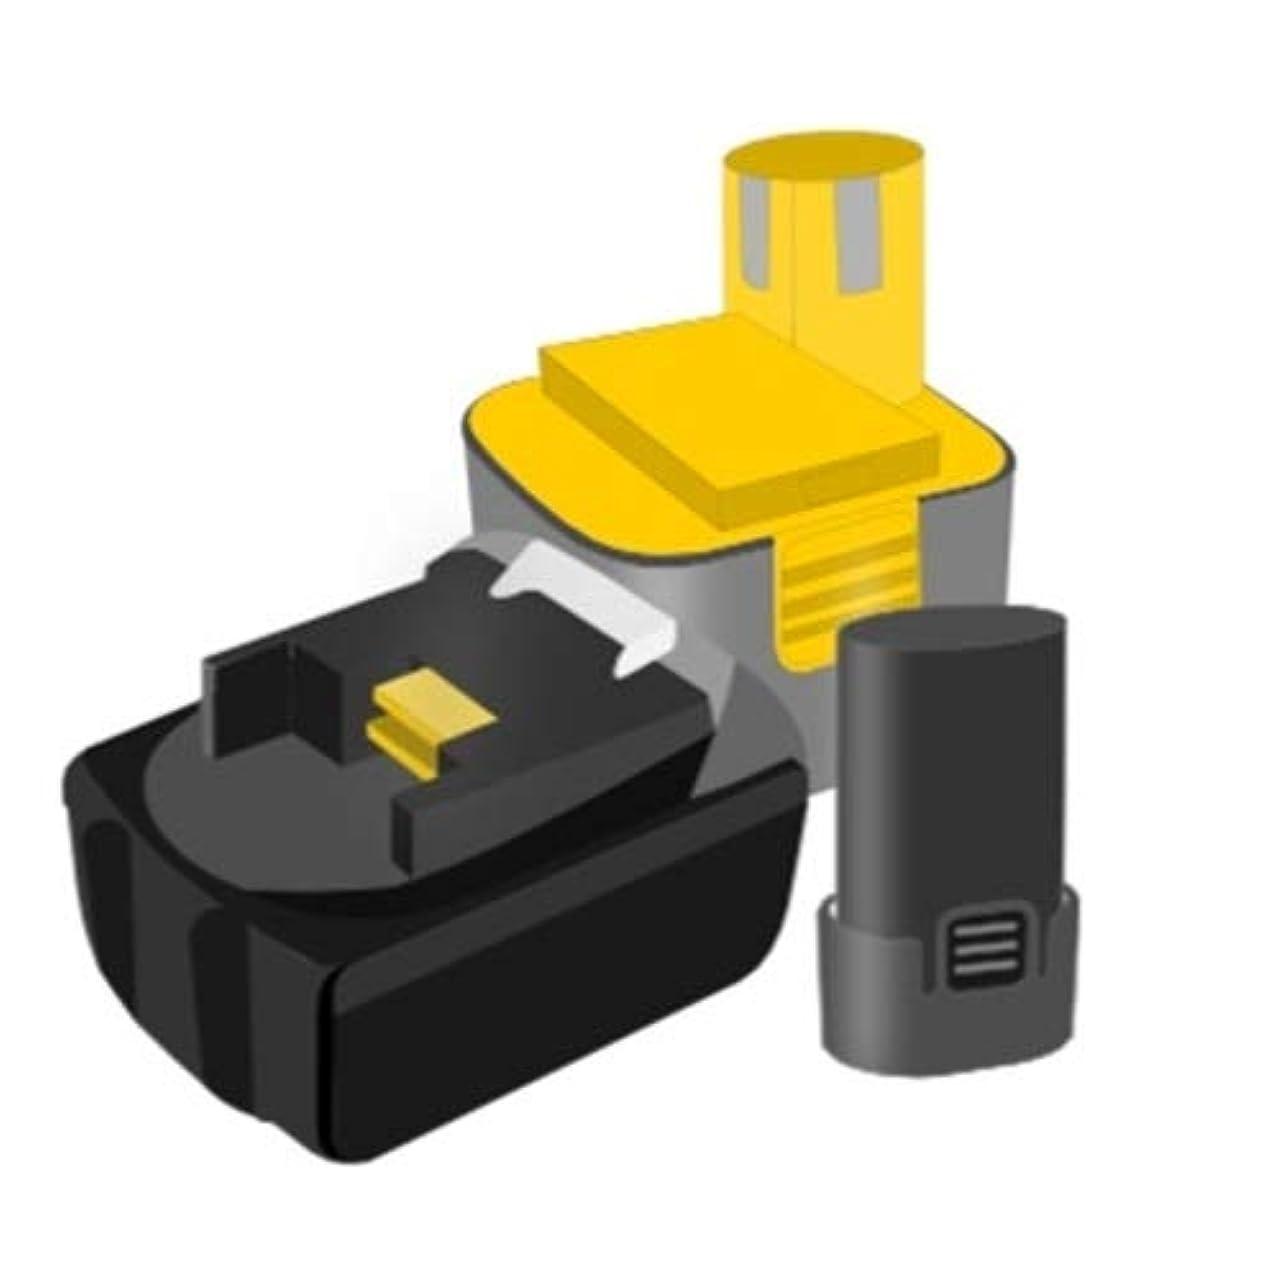 剥離病院サンプル【B-723C】リョービ用 7.2Vバッテリー 【電池交換済み】在庫有り [在庫リサイクル]